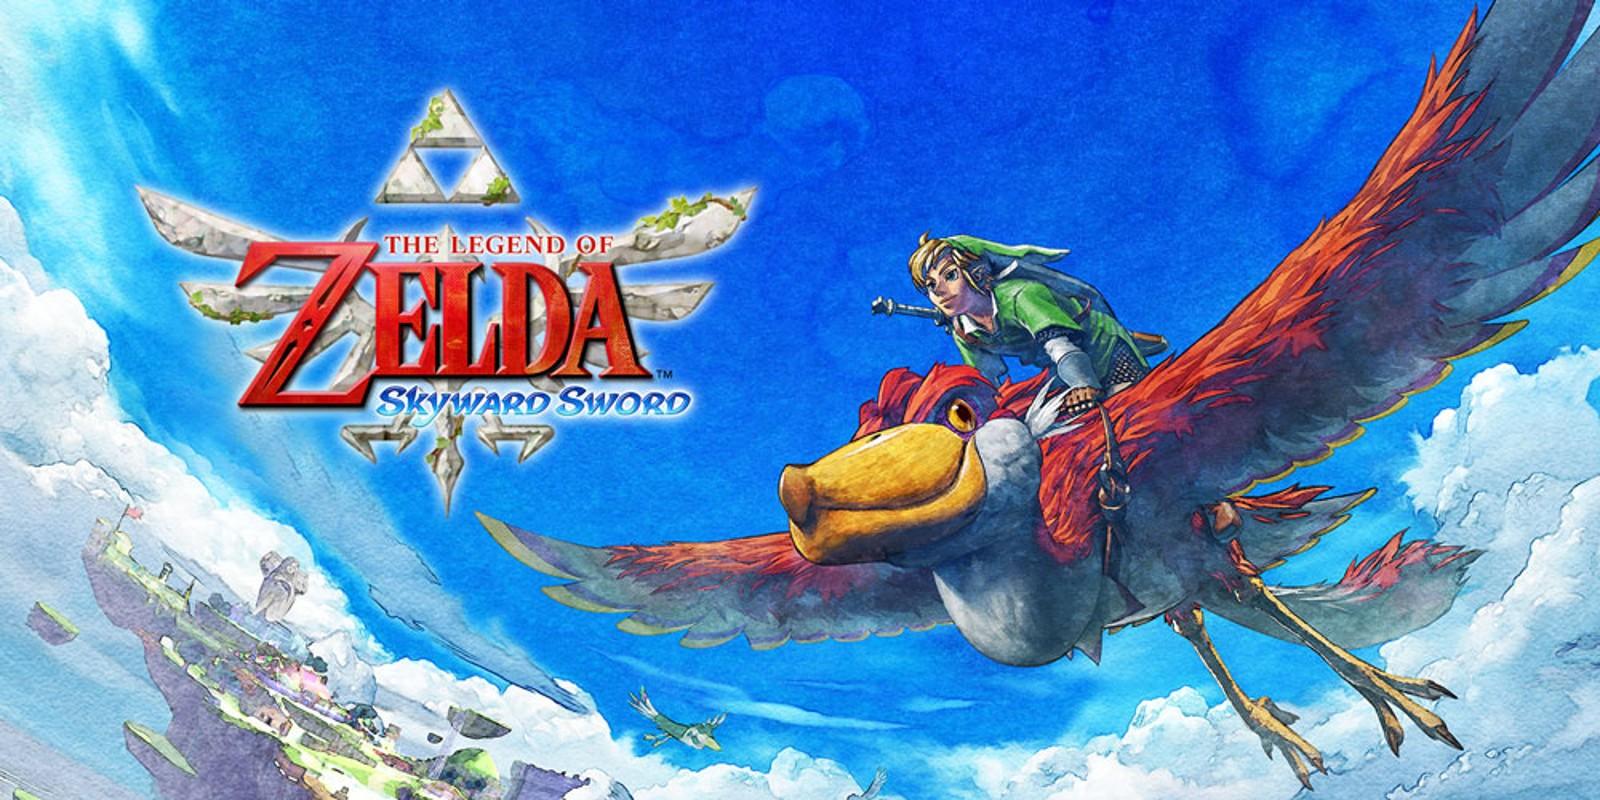 Super Metroid Hd Wallpaper The Legend Of Zelda Skyward Sword Wii Games Nintendo